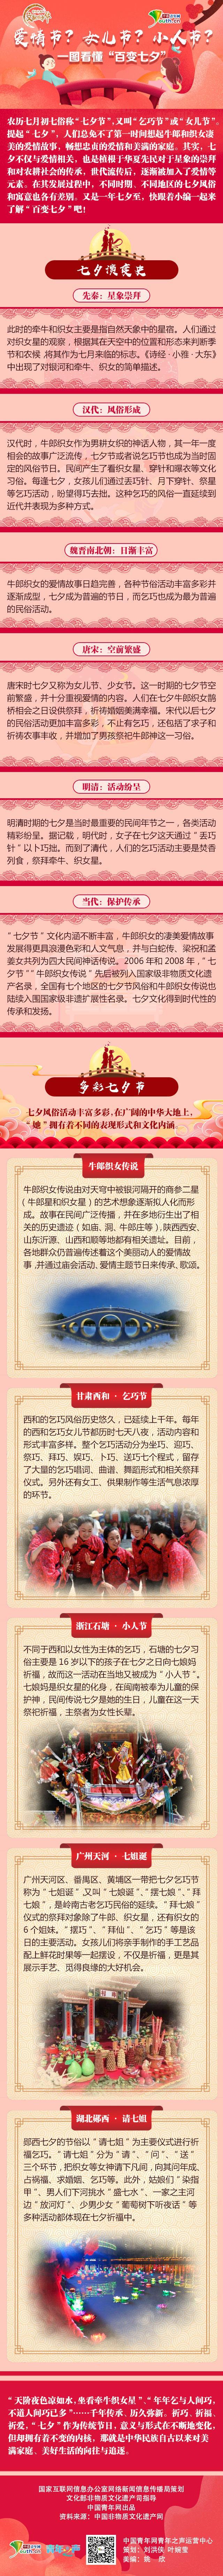 """【文脉颂中华】爱情节?女儿节?小人节?一图看懂""""百变七夕"""""""